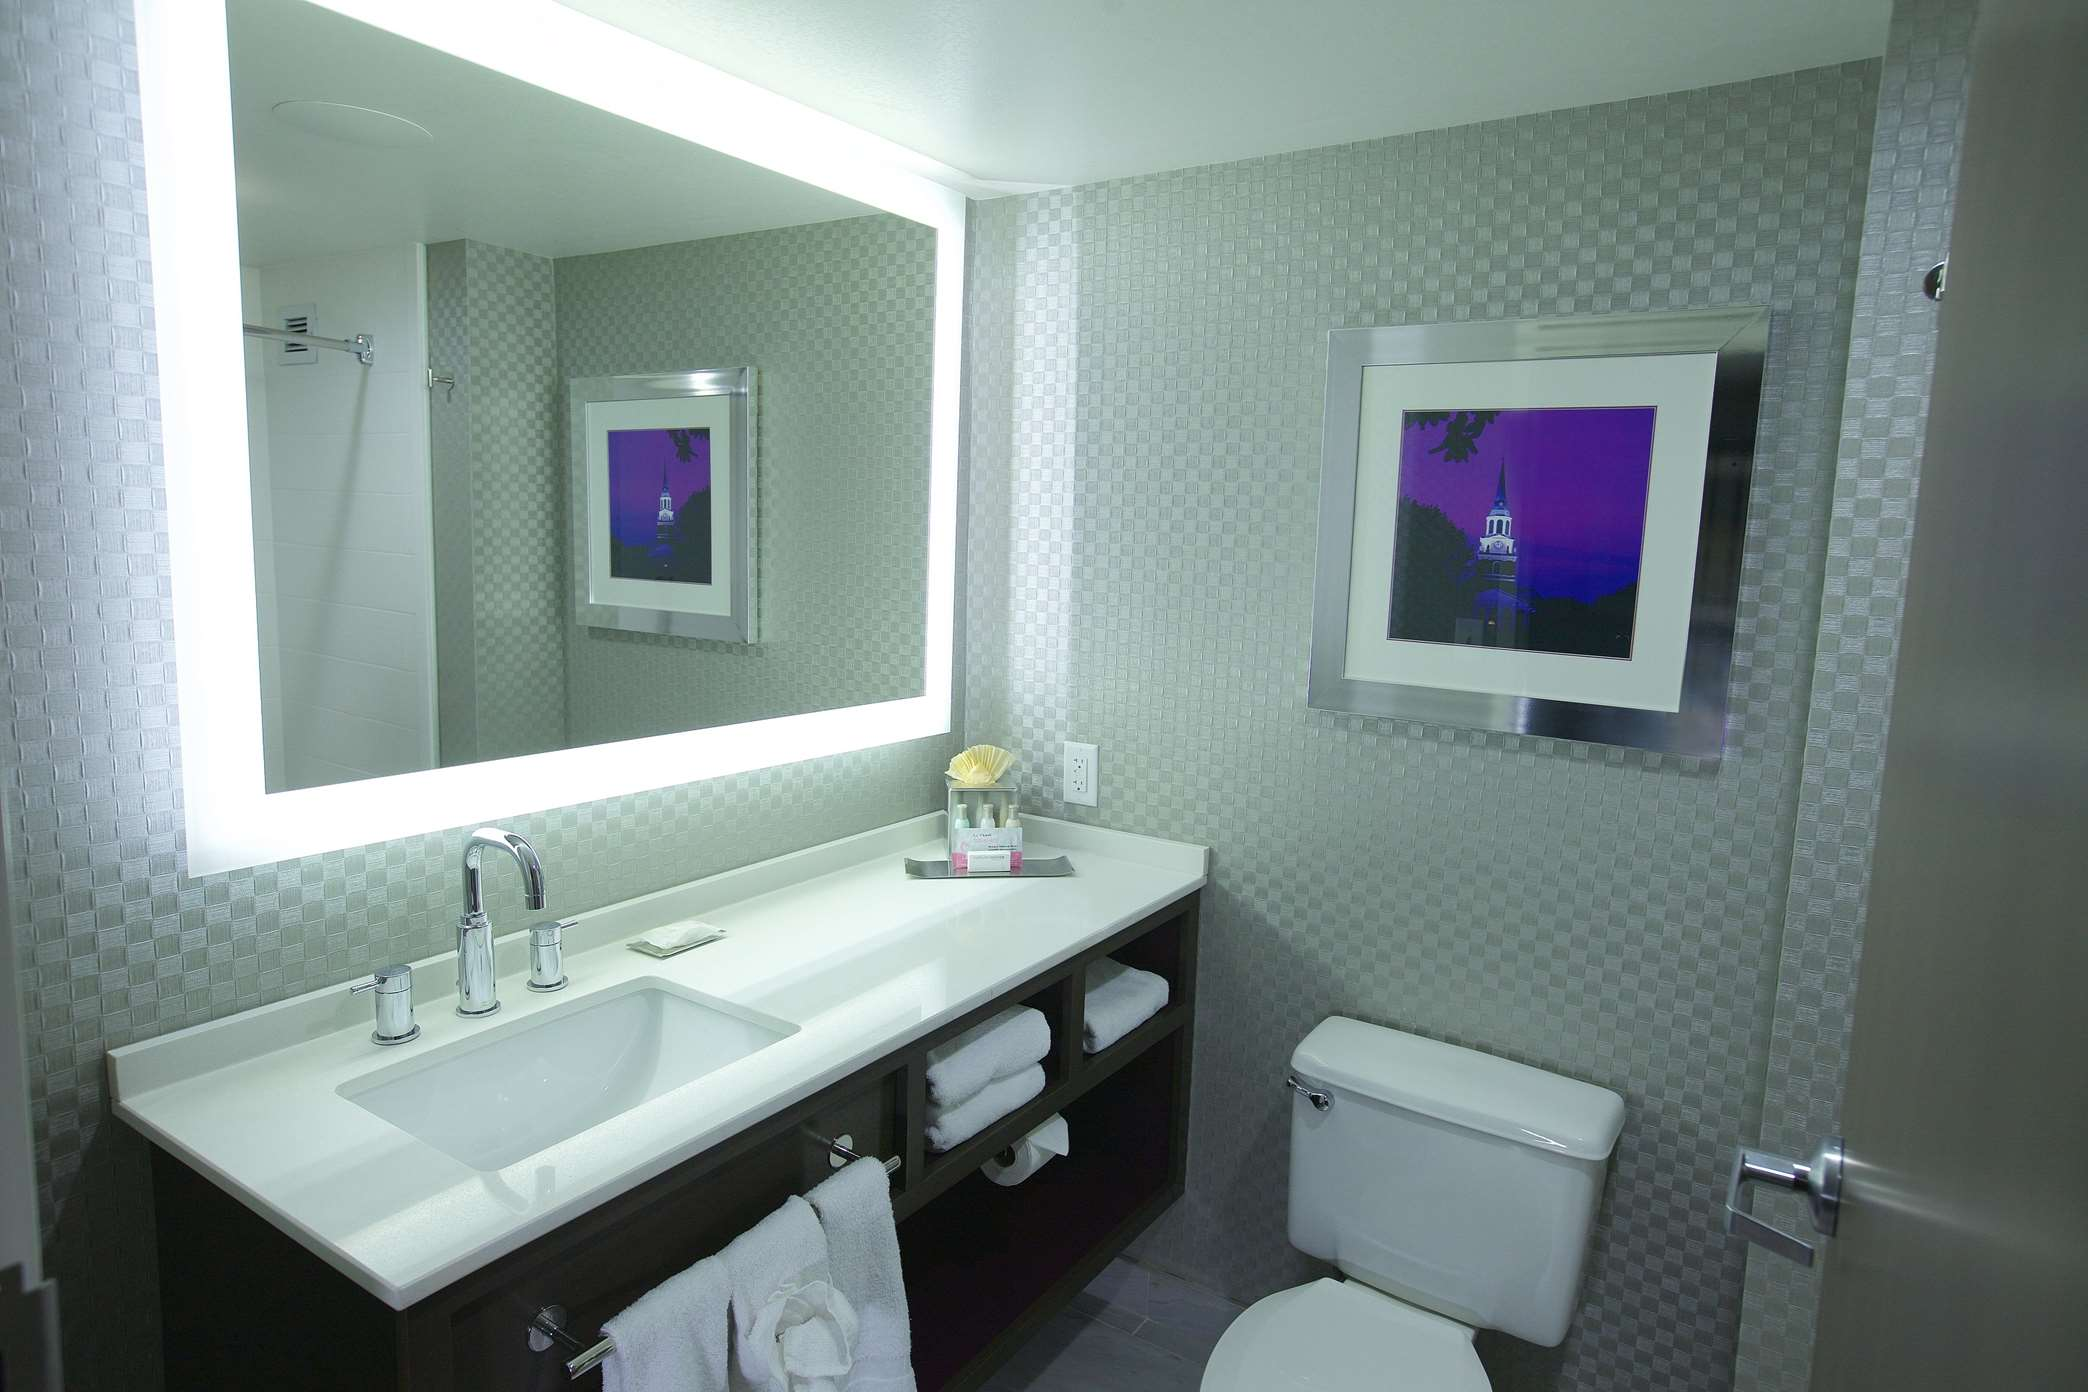 DoubleTree by Hilton Hotel Winston Salem - University image 1